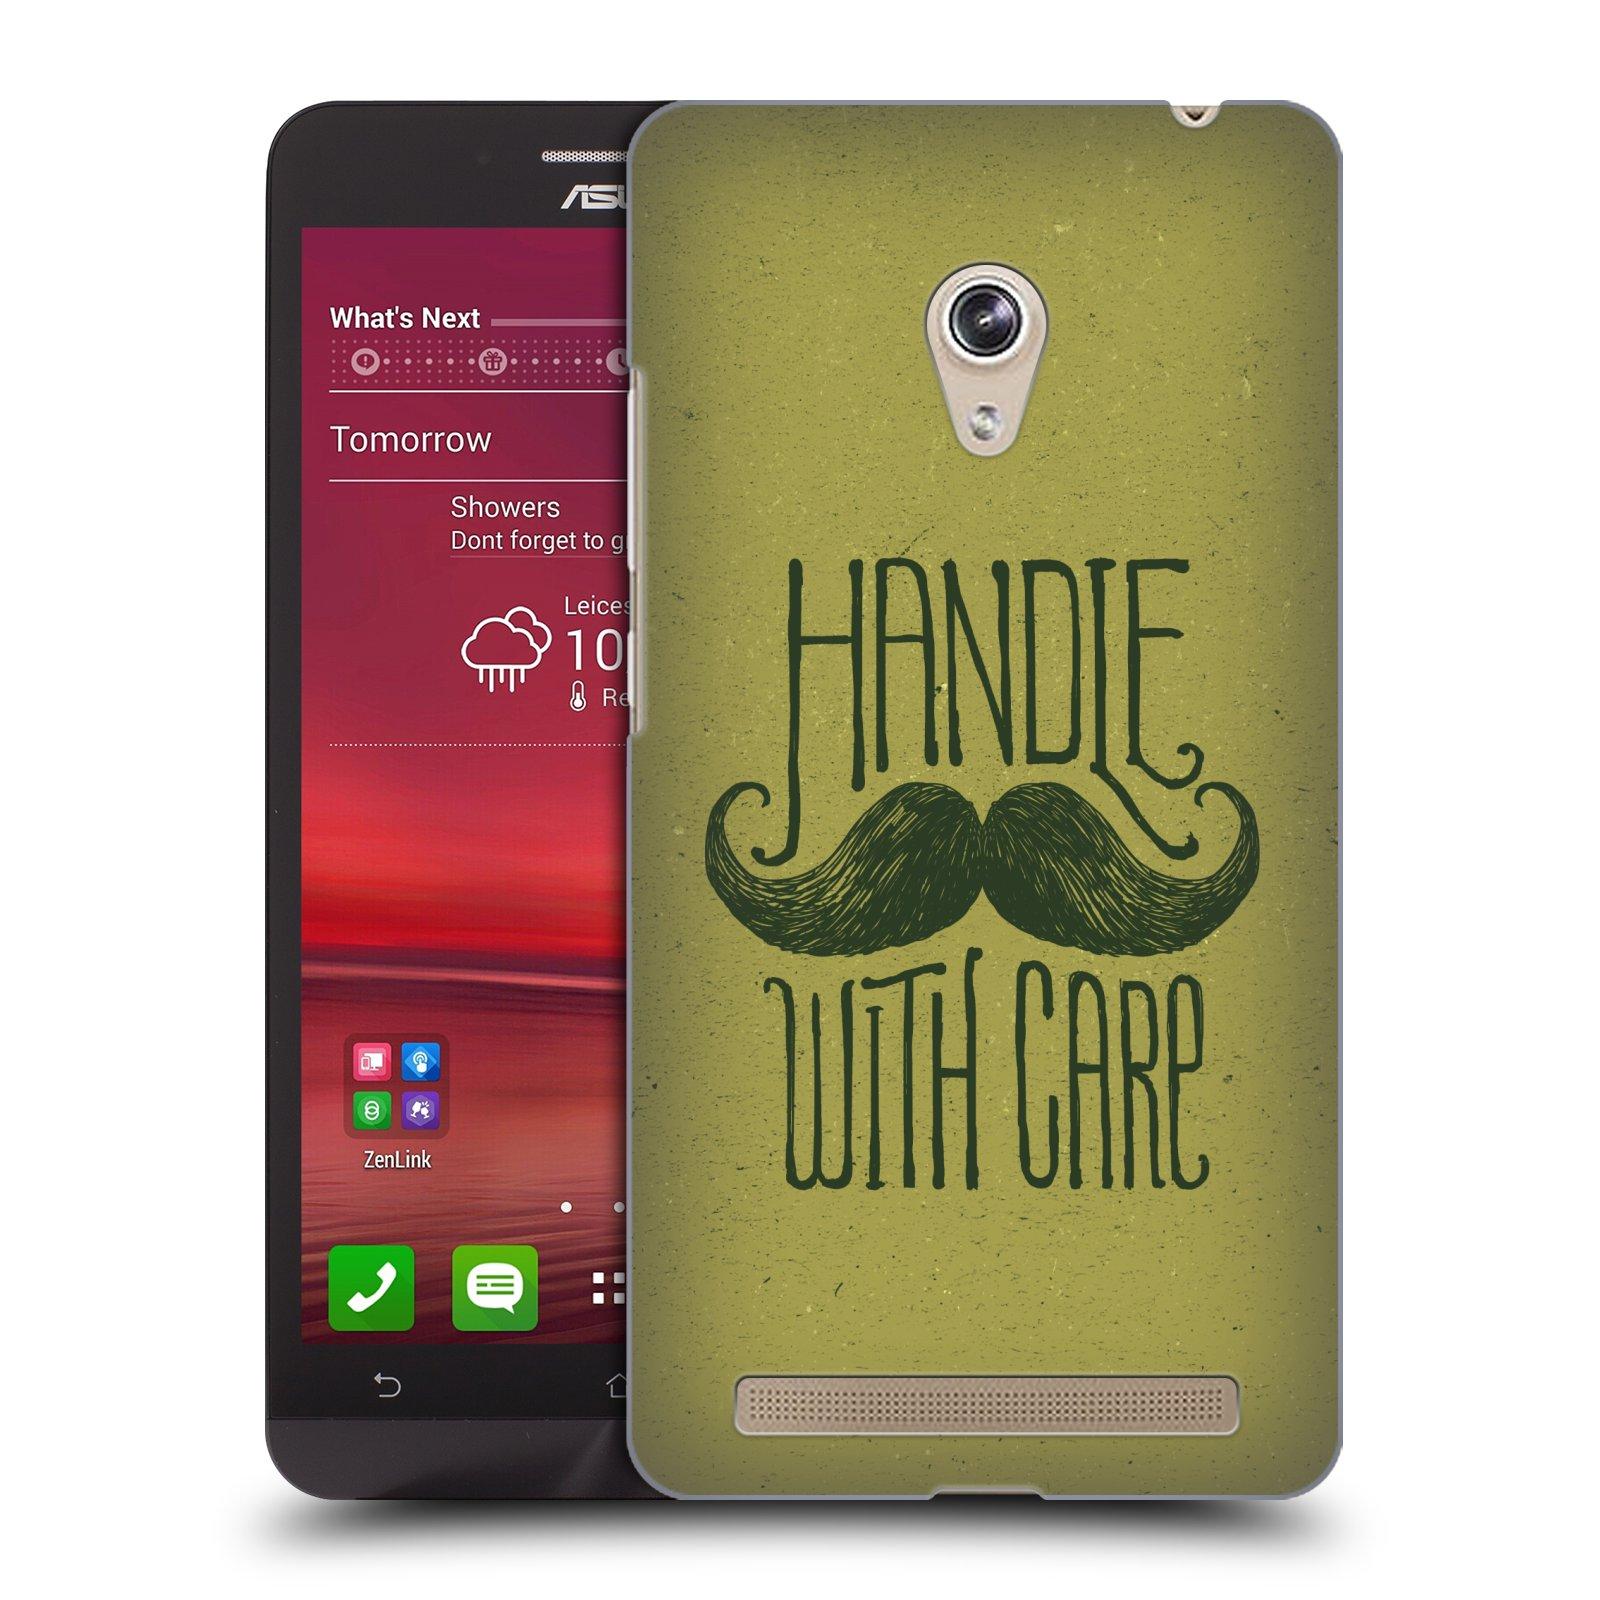 Plastové pouzdro na mobil Asus Zenfone 6 HEAD CASE KNÍR HANDLE WITH CARE (Plastový kryt či obal na mobilní telefon Asus Zenfone 6 A600CG / A601CG)